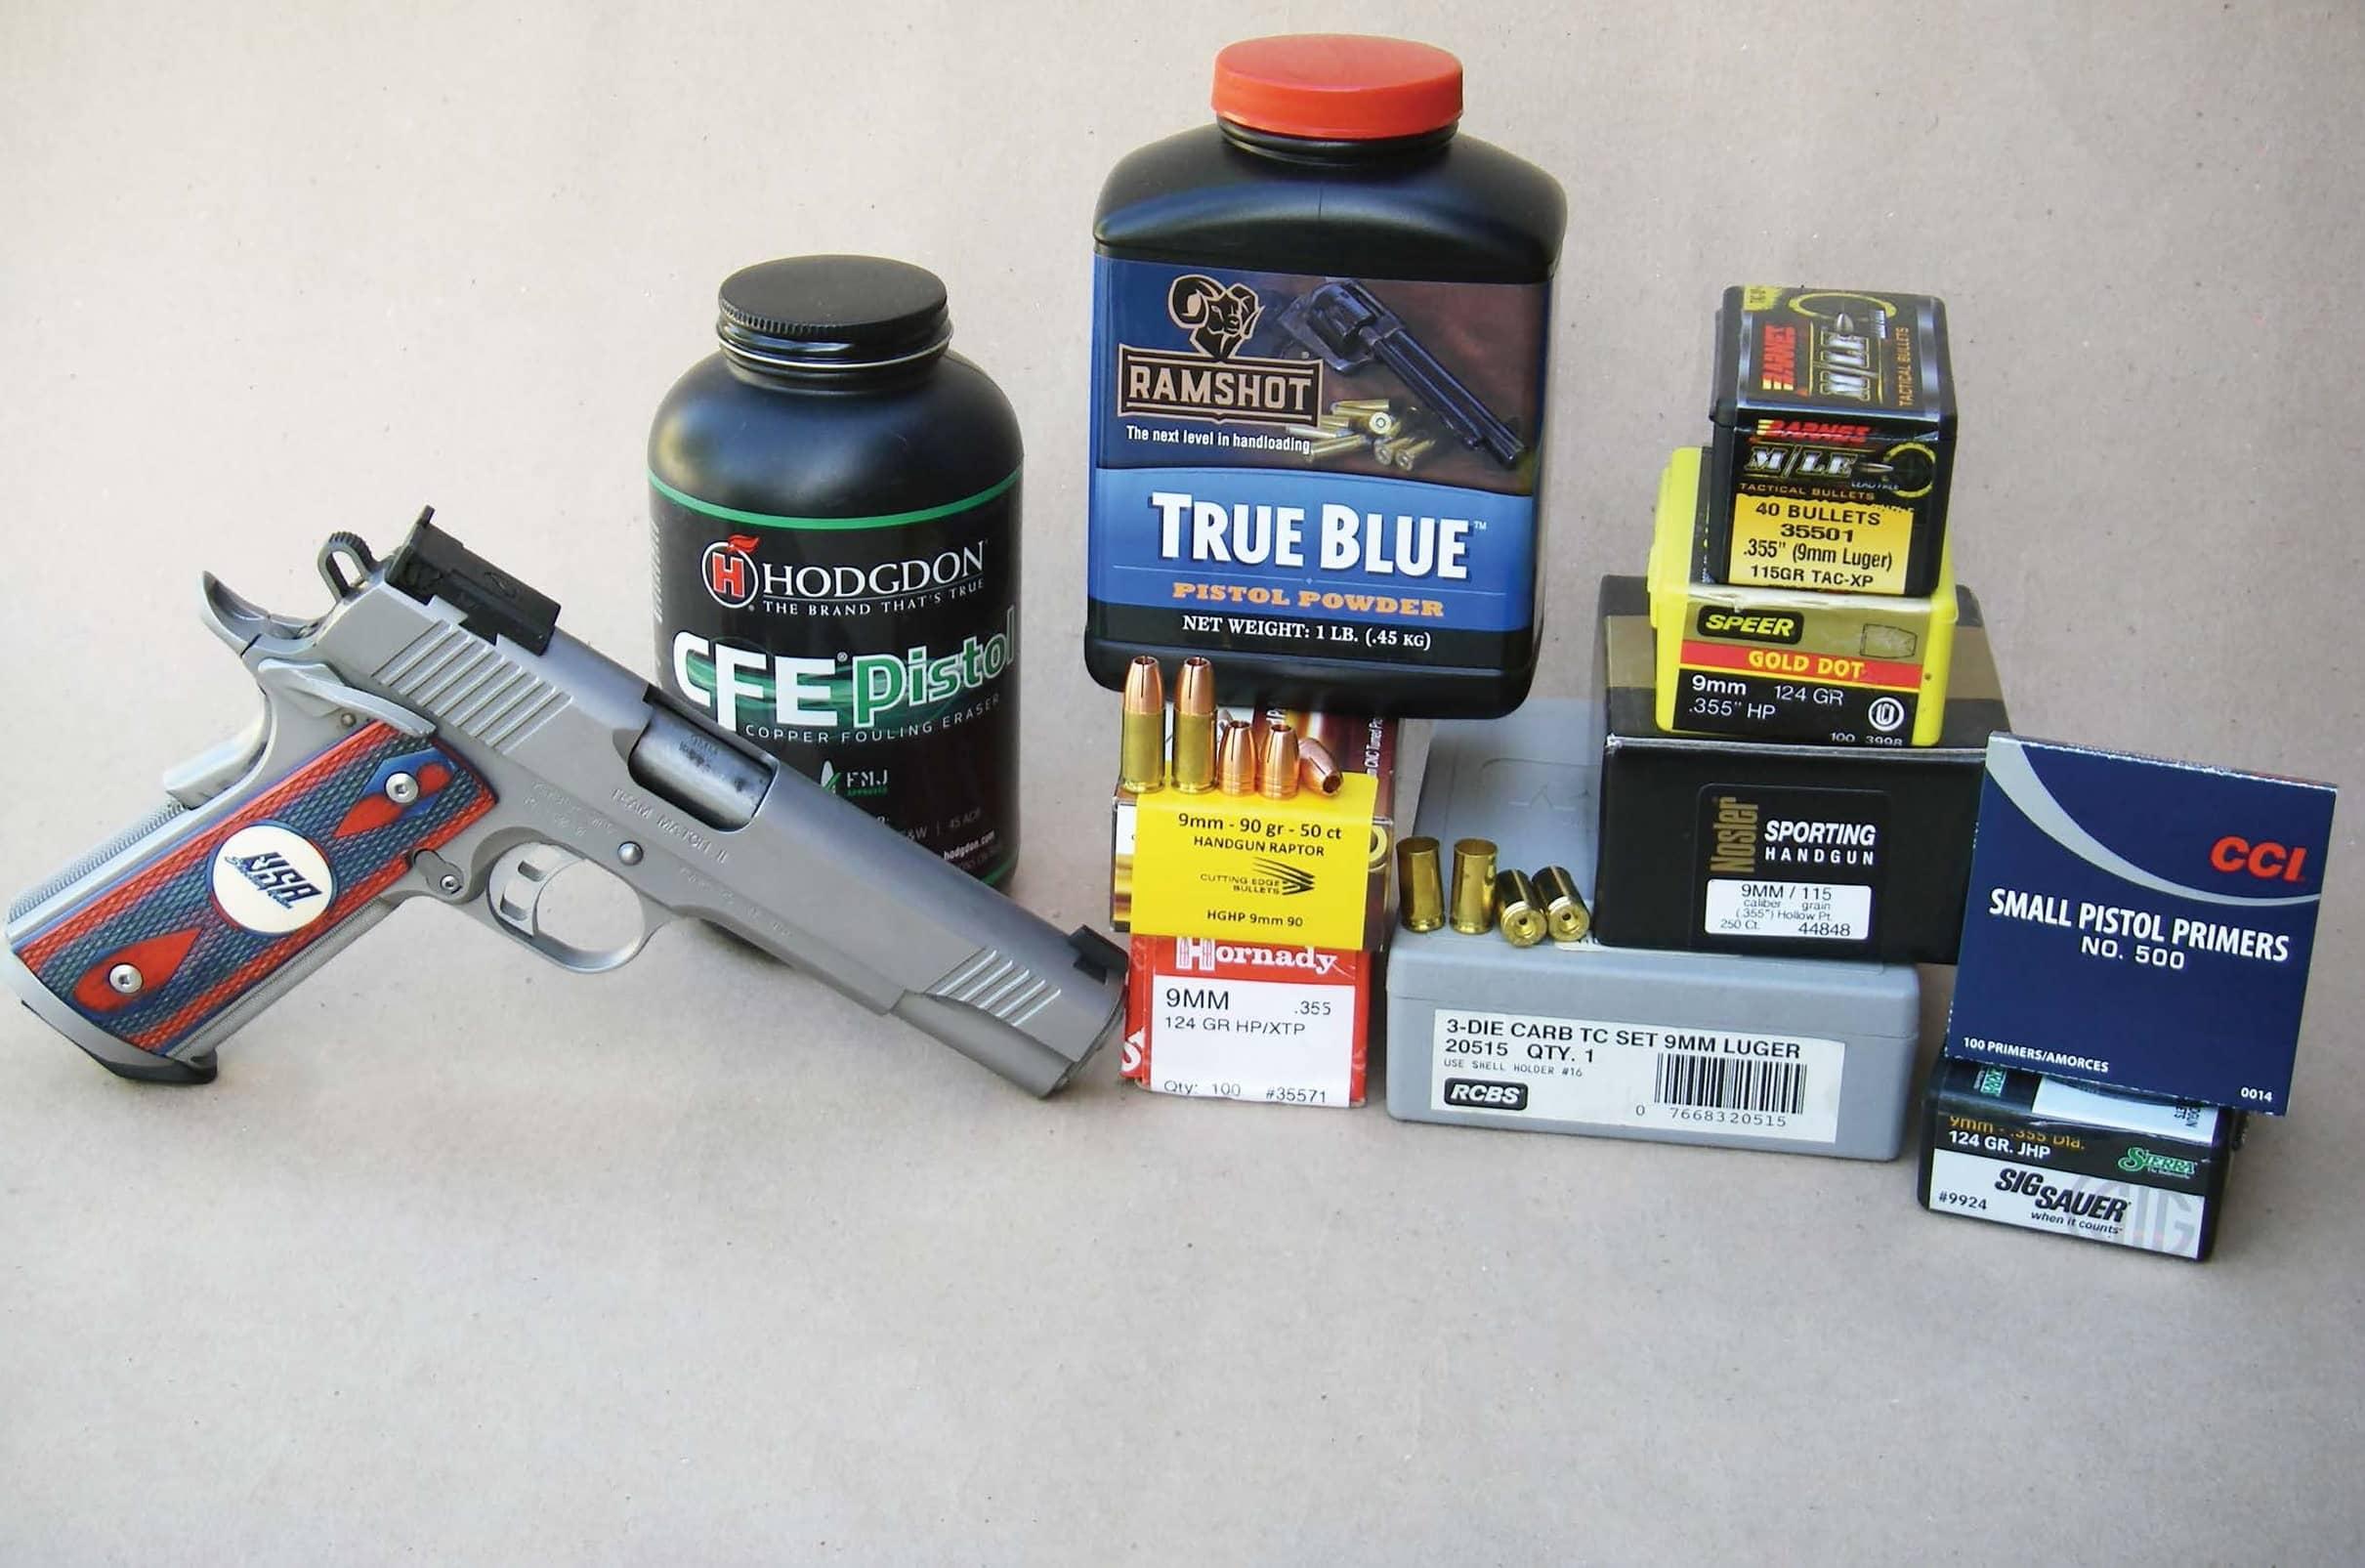 9mm Luger Standard Pressure Loads